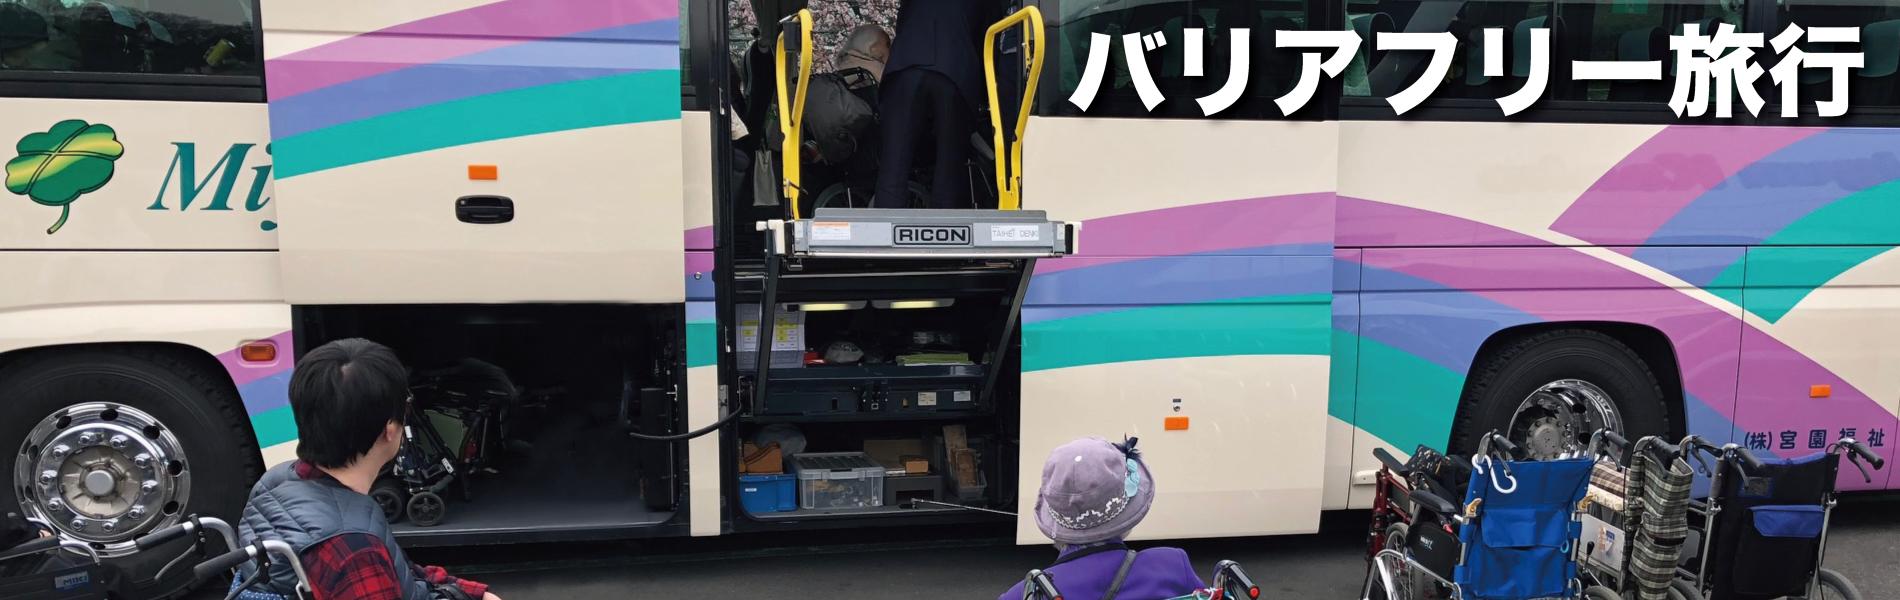 観光バス・ハイヤー手配 バリアフリー旅行の東京ナイストラベルのバリアフリー旅行